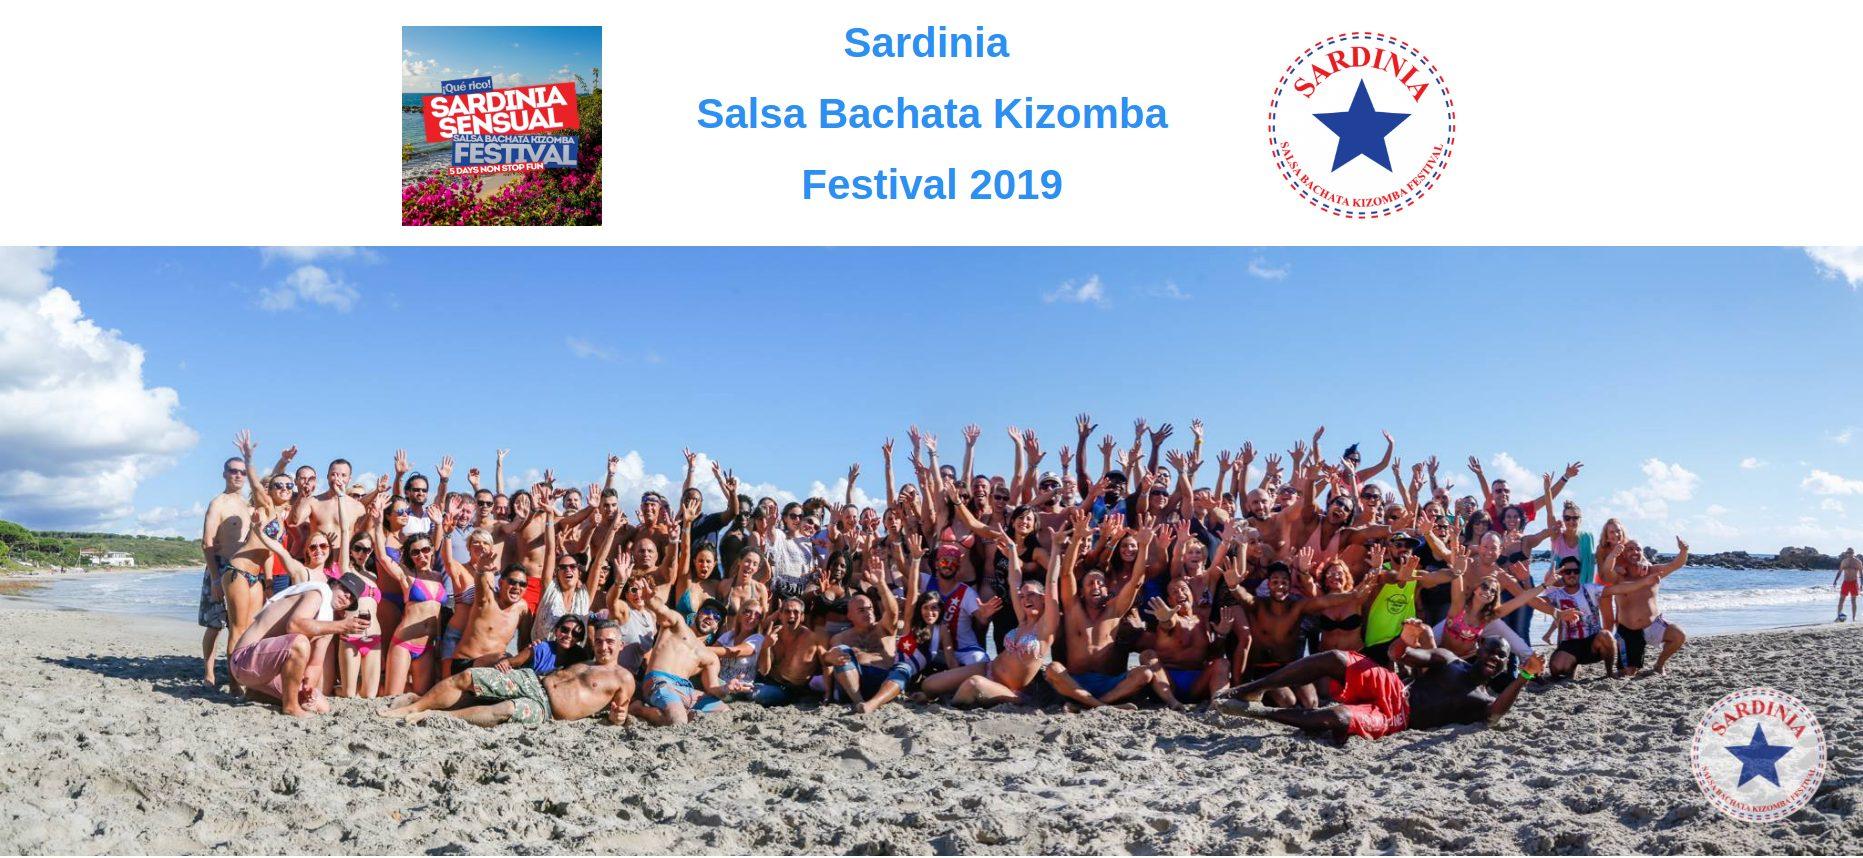 Andrea y Veronica Sardinia Salsa Festival 2019